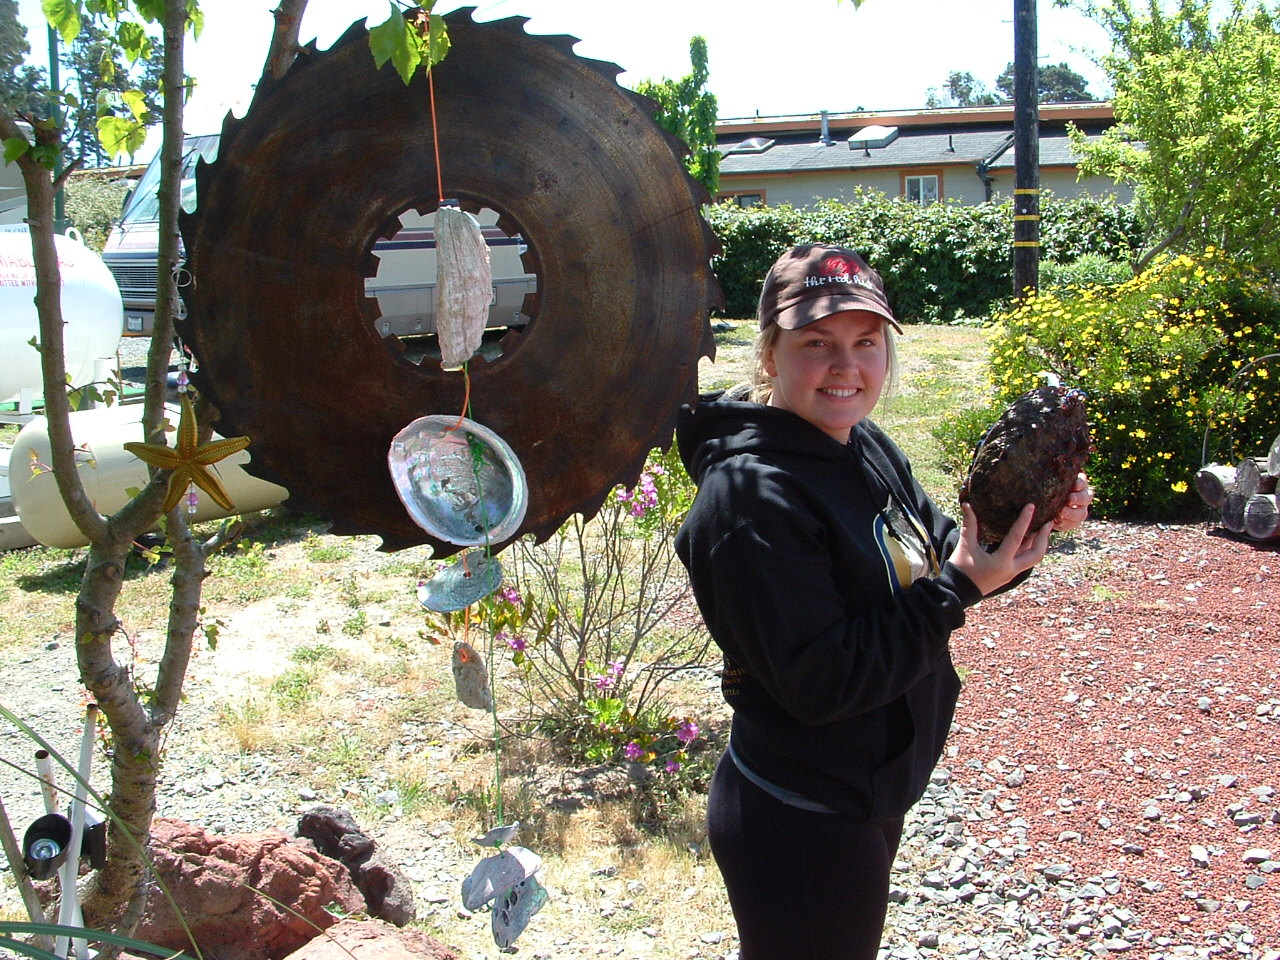 http://3.bp.blogspot.com/-EERQVHFErAs/T8-vq9c8Q-I/AAAAAAAAAMg/BonTPtgYPaY/s1600/June+6+Abalone+Diver+Michelle+Ellis+4.5+pounds.JPG